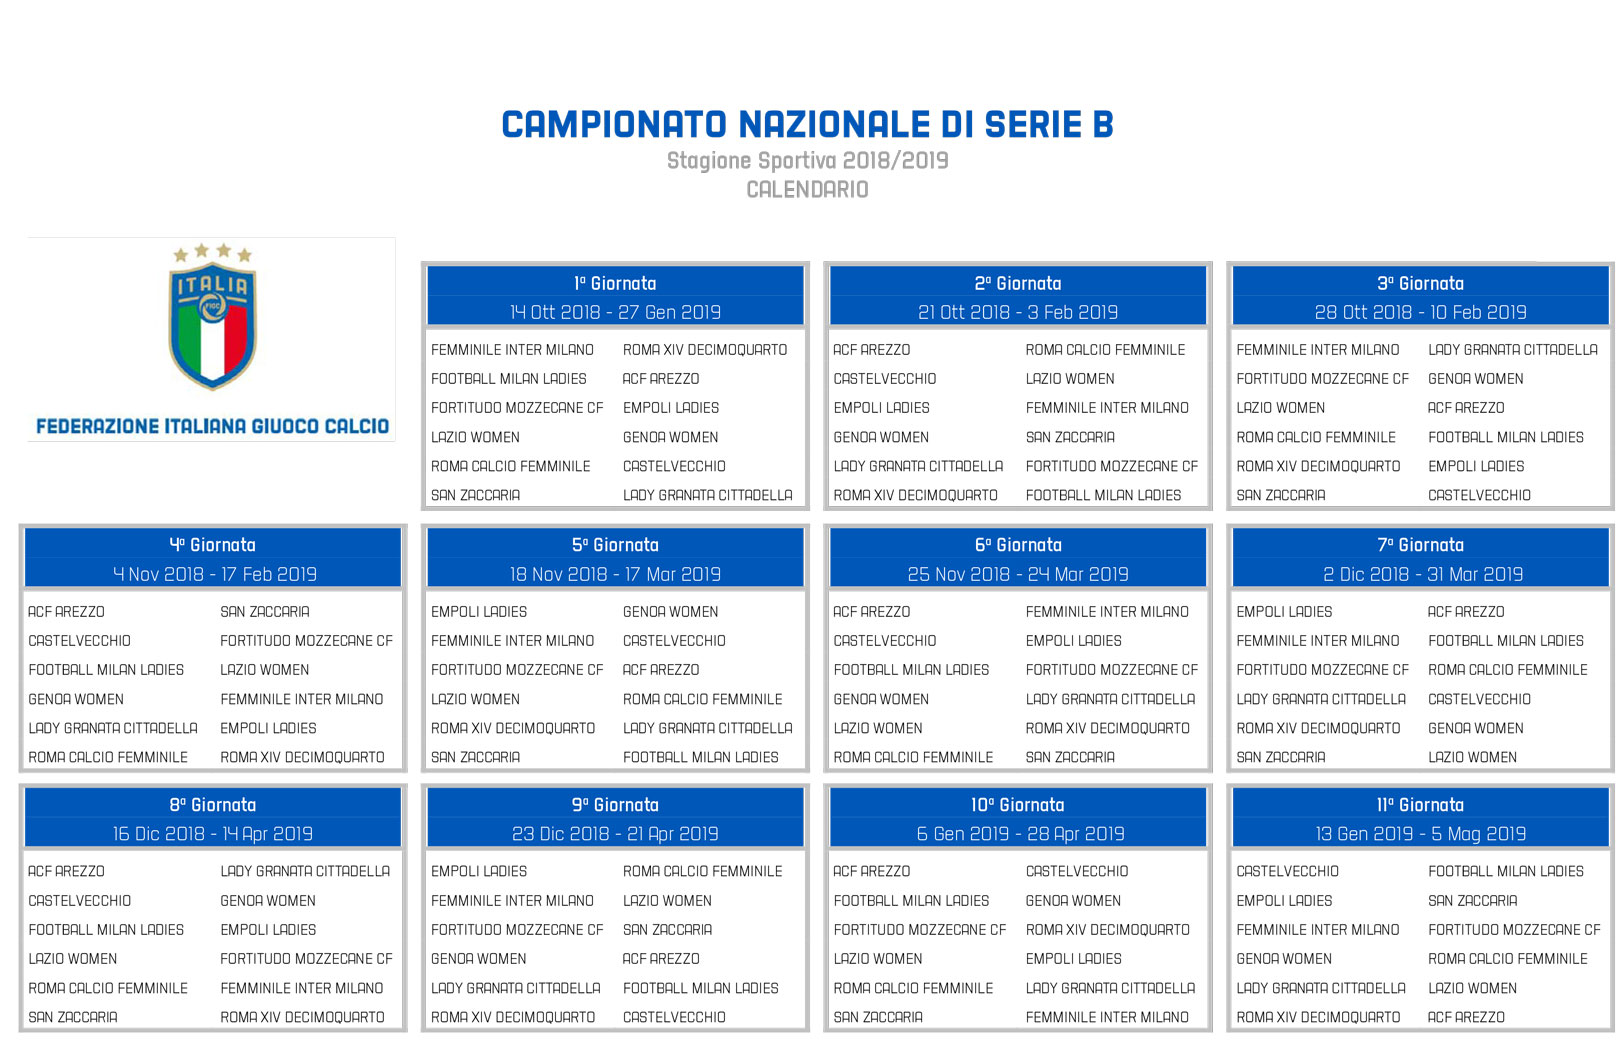 Calendario Partite Empoli.Ufficializzato Il Calendario Della Serie B Femminile Il Via